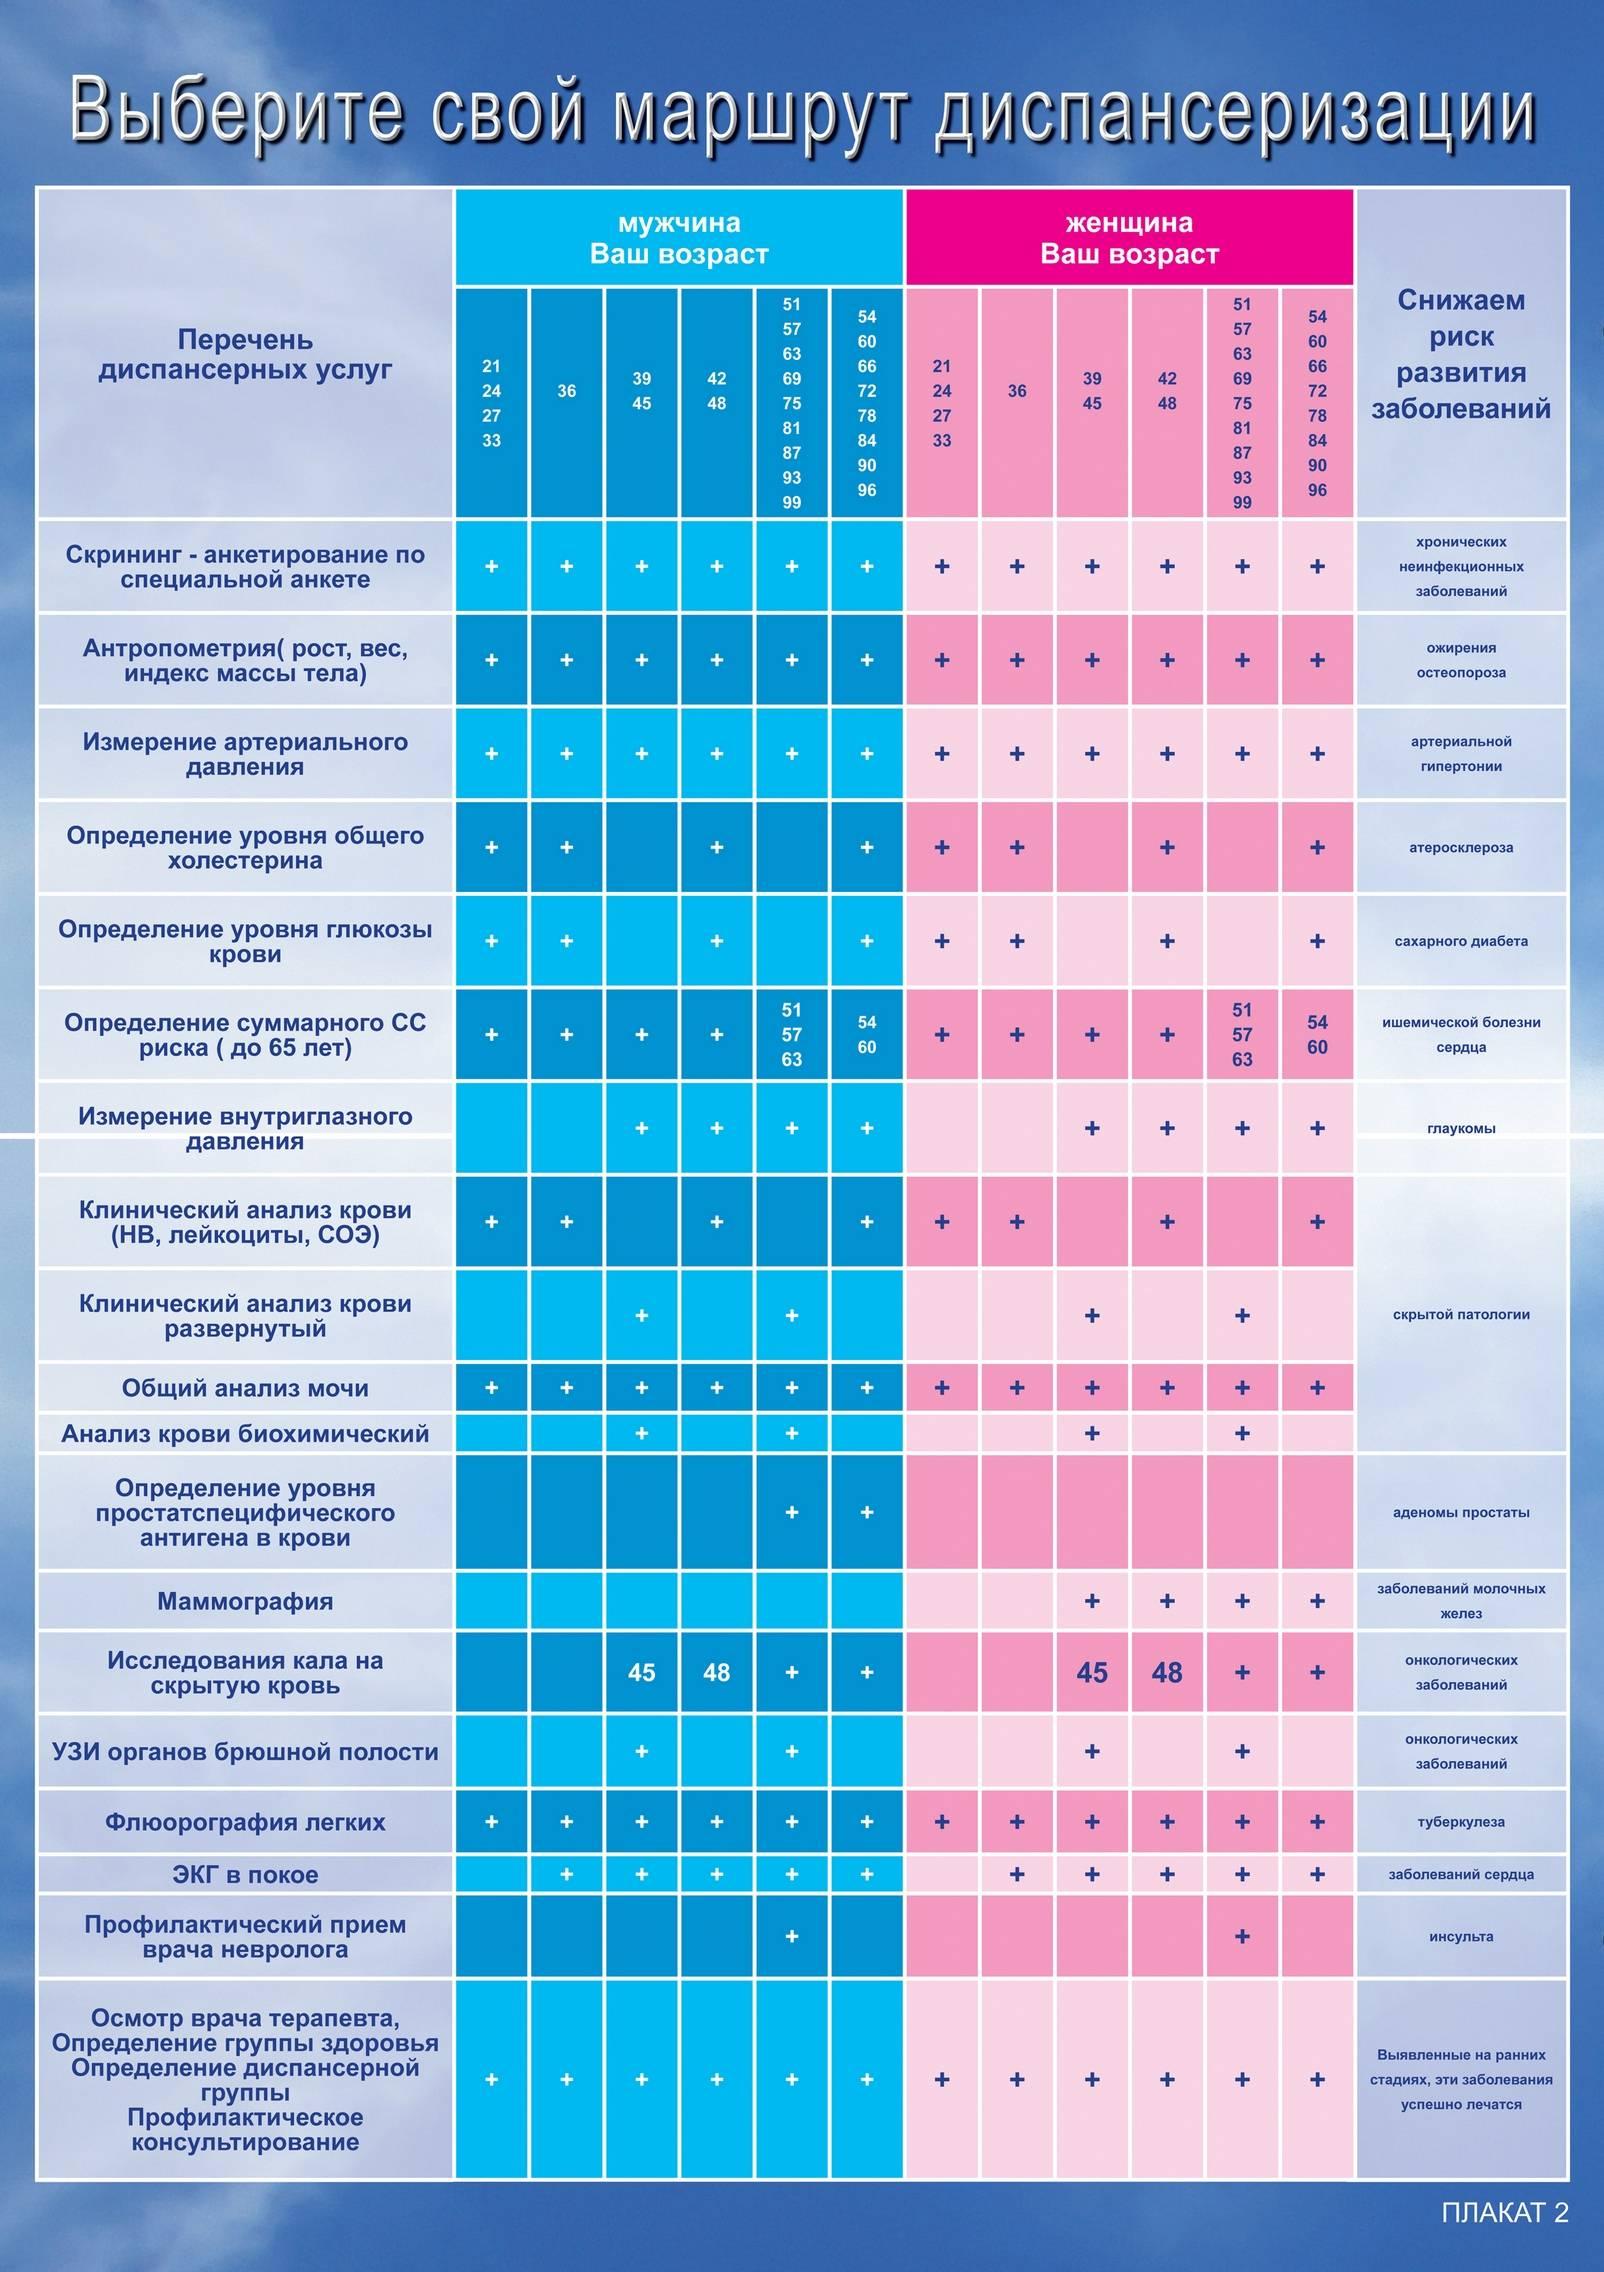 Плановый профилактический осмотр детей до года: каких врачей проходить и какие анализы необходимо сдать?